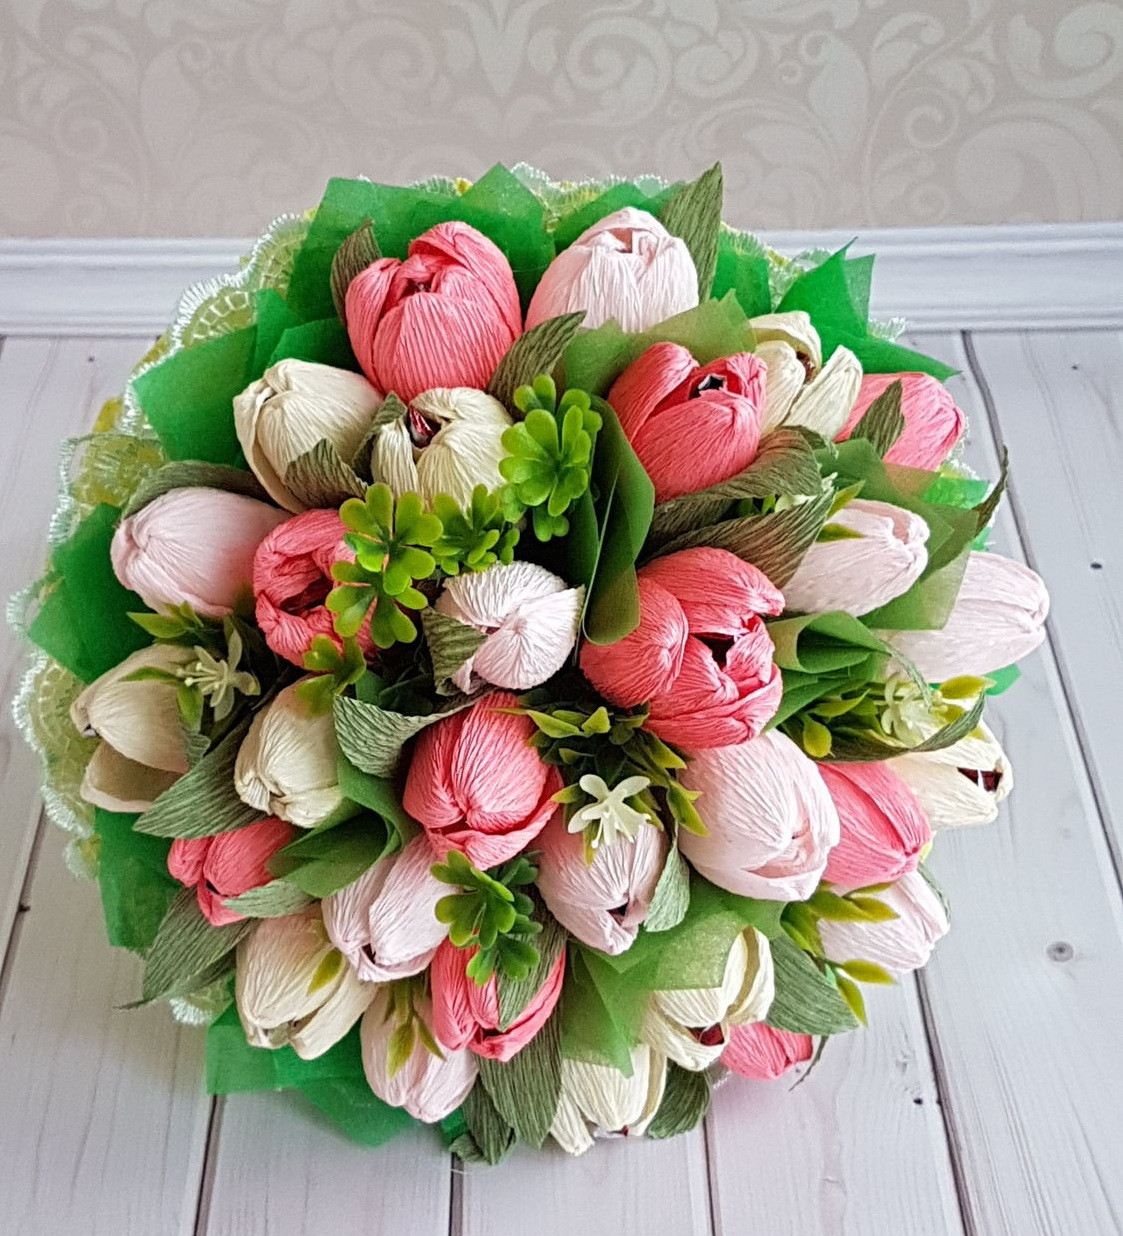 Букеты из конфет своими руками — пошагово: сладкие тюльпаны и розы в корзине. мастер-класс изготовления букетов из рафаэлло (фото)